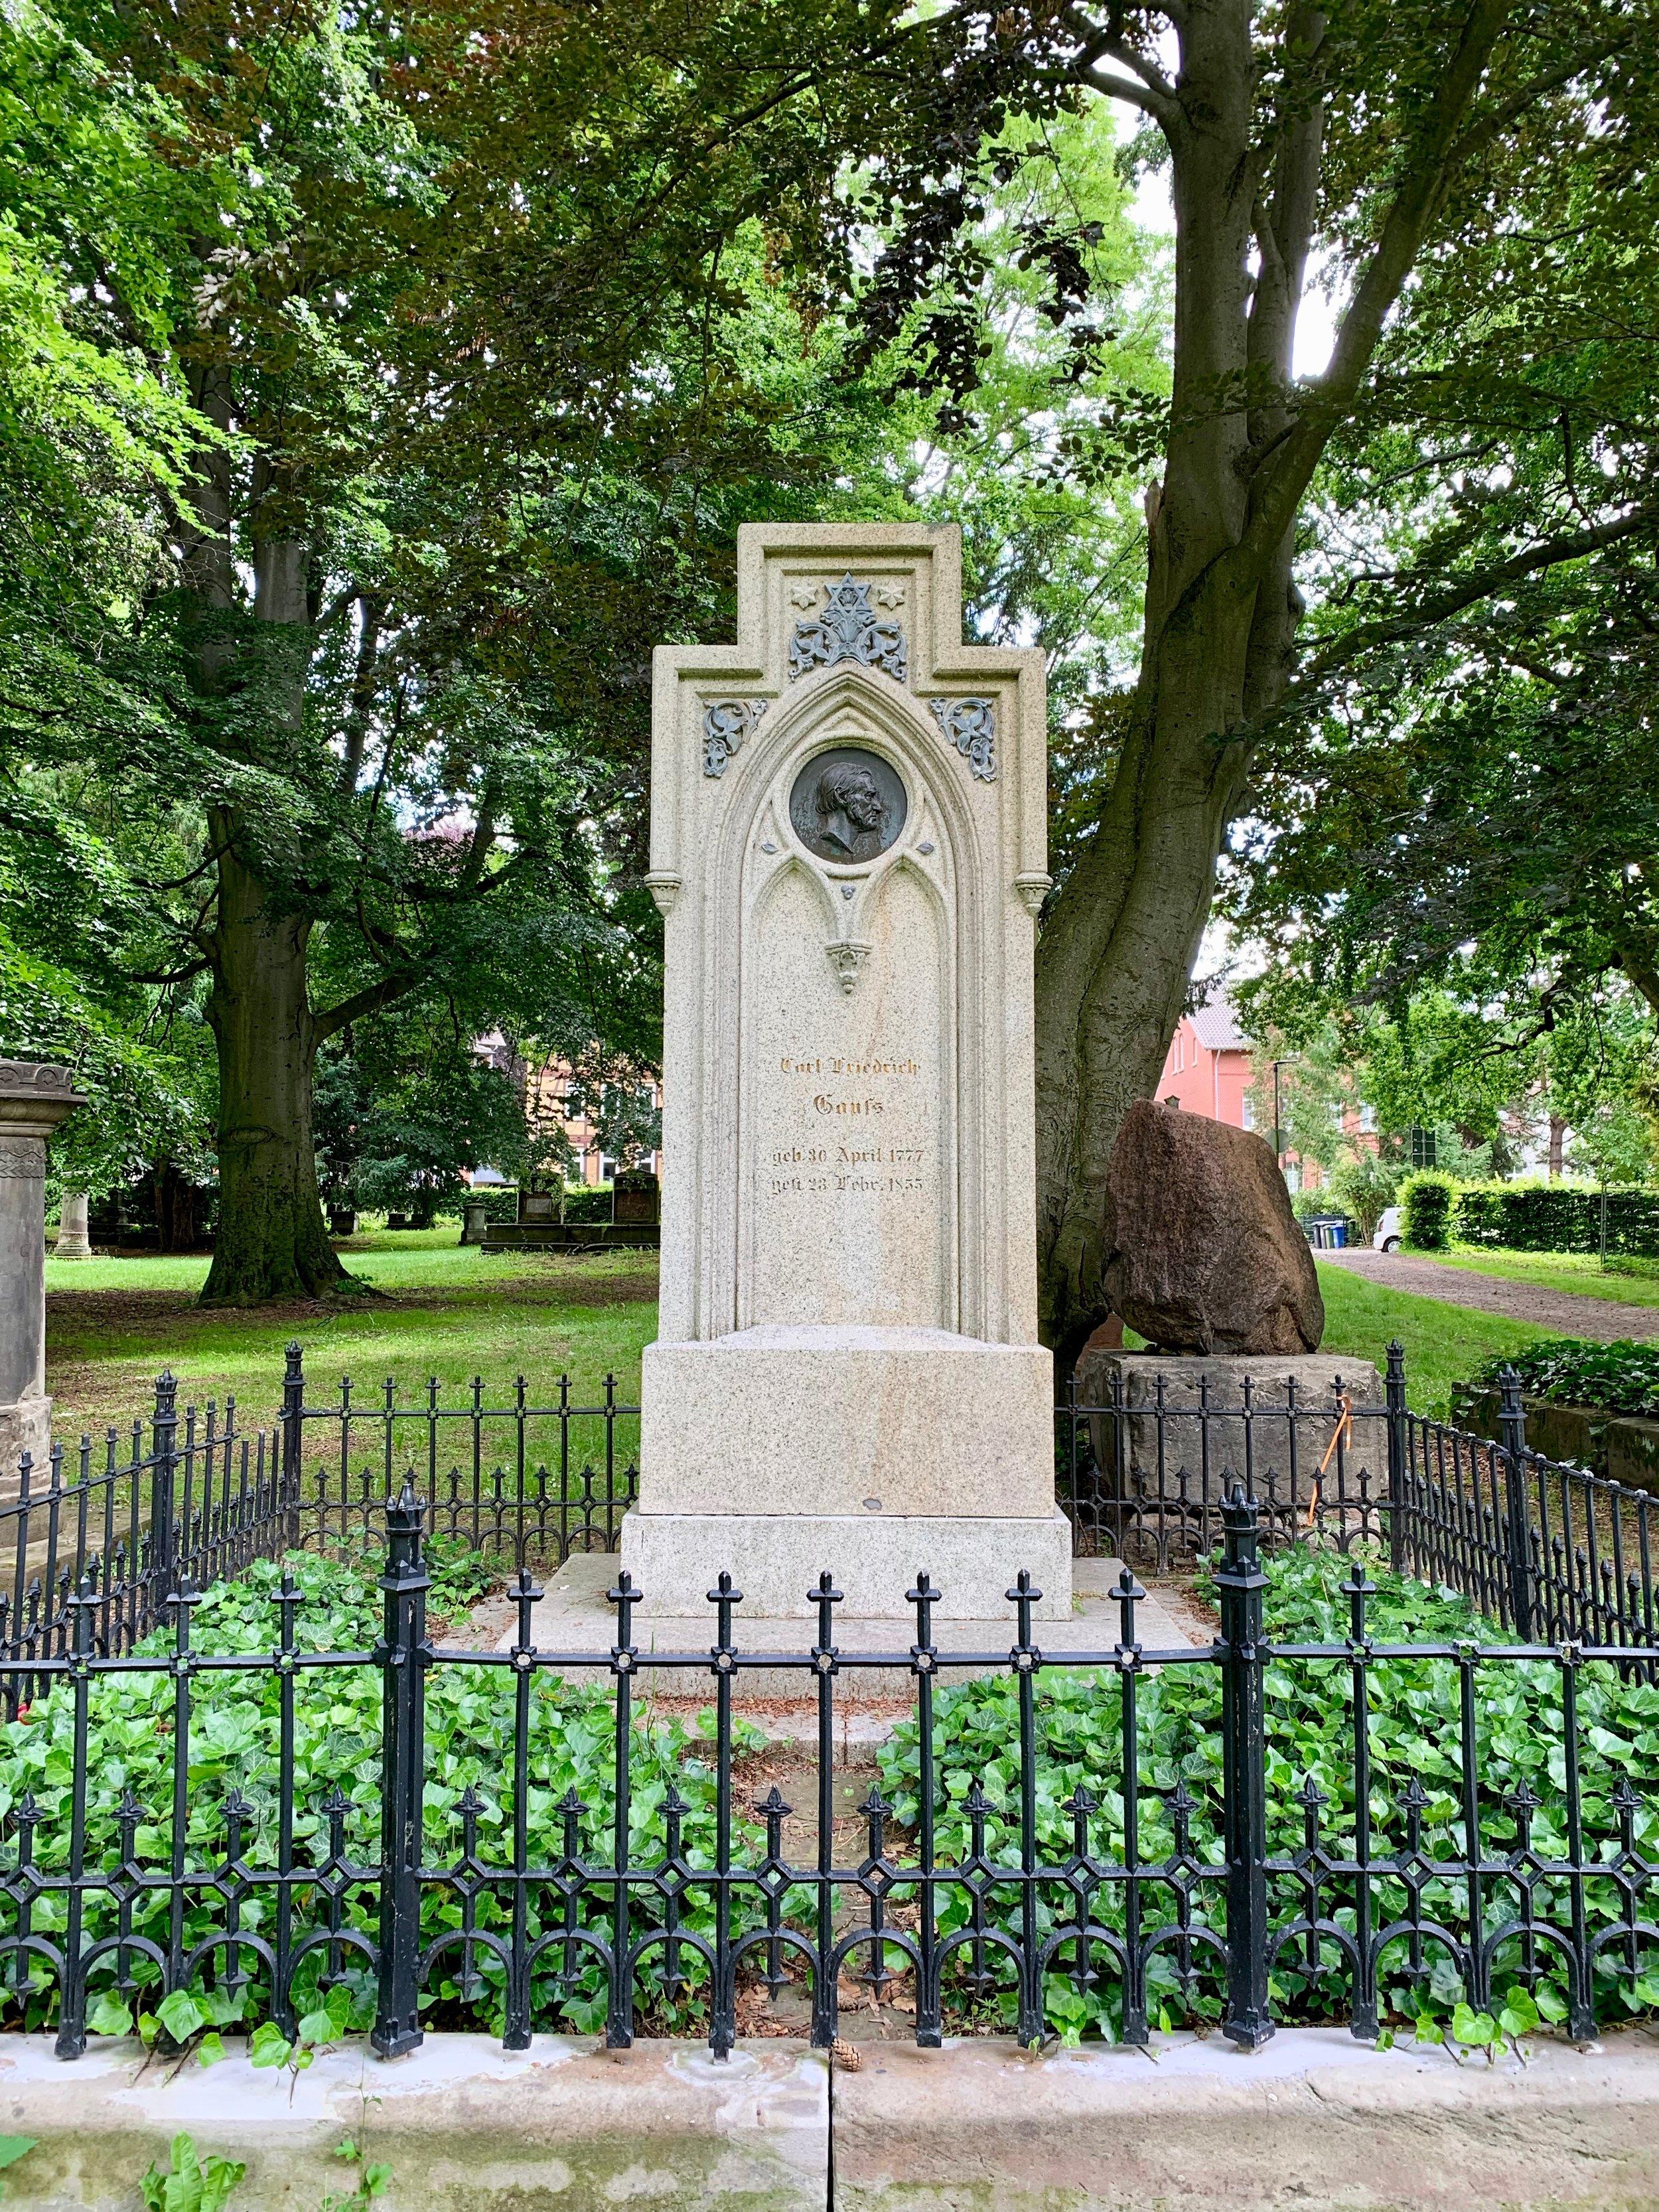 Gauss' grave